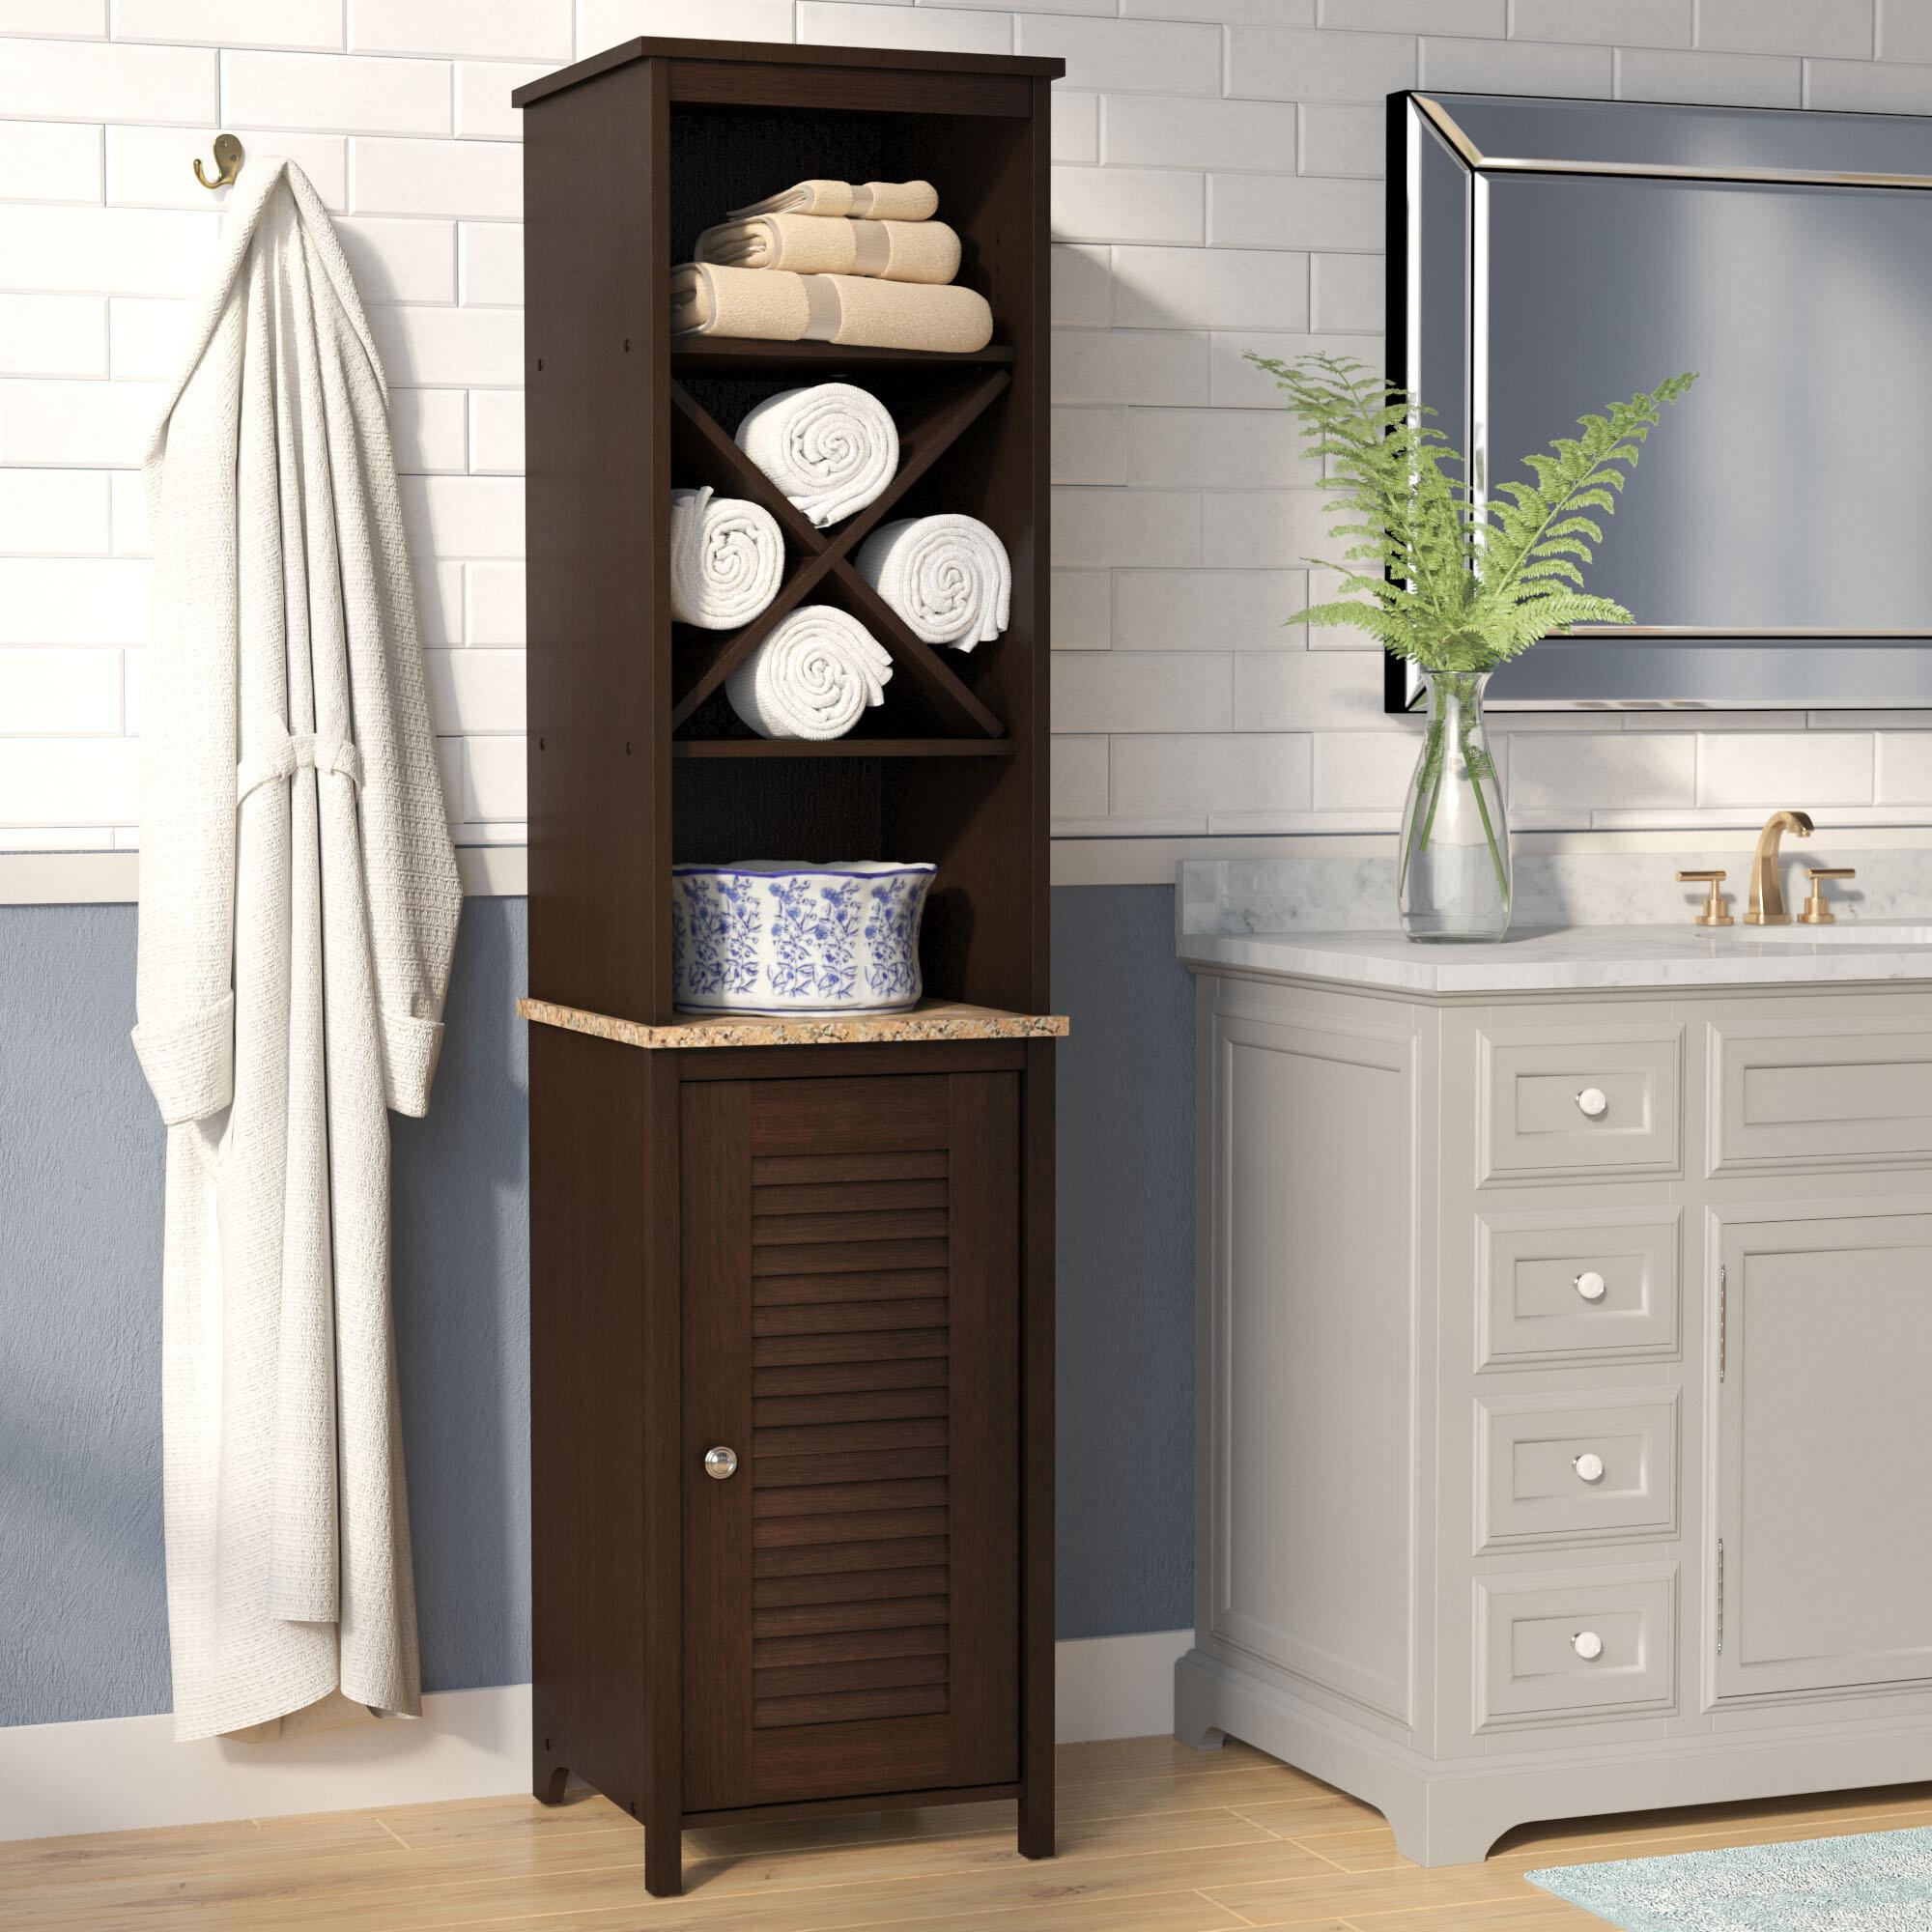 Bathroom Linen Tower White Floor Cabinet Storage Chest Organizer Shelf Furniture